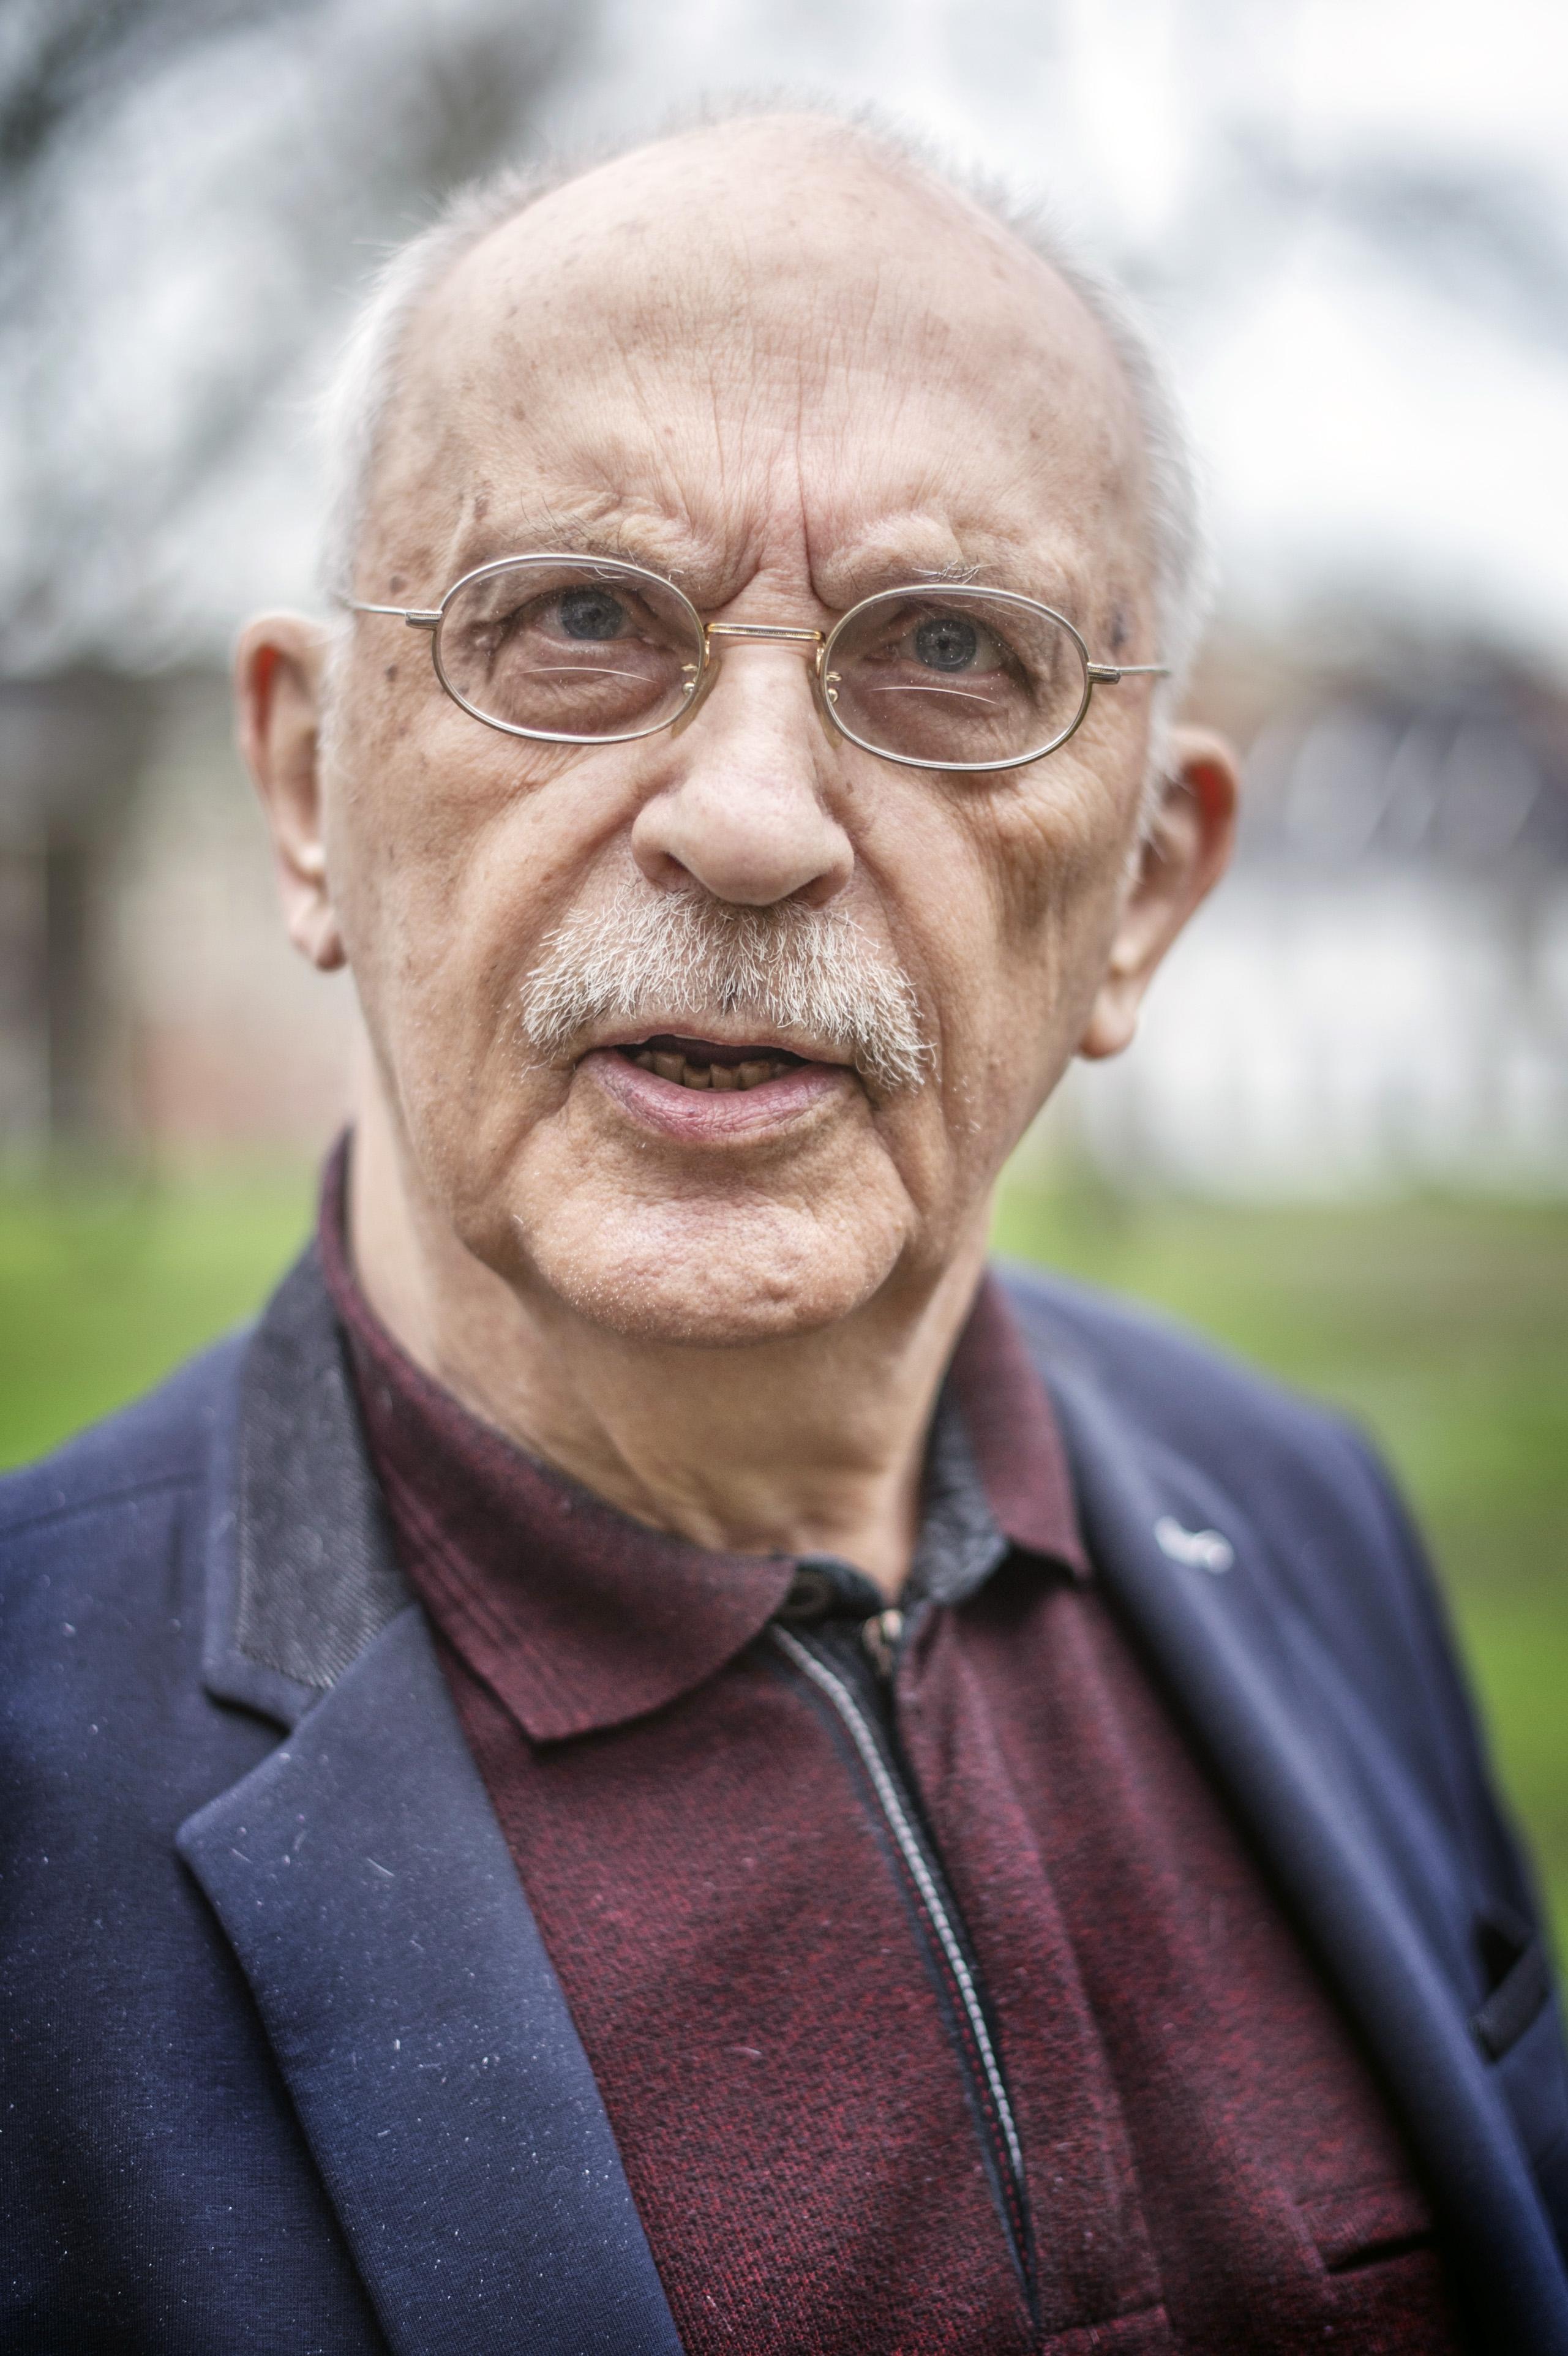 Lambert Wierenga, 85 jaar oud, een vitale wetenschapper die een boek ('Mens zoekt God') schreef over zijn lezen en verstaan van de Bijbel